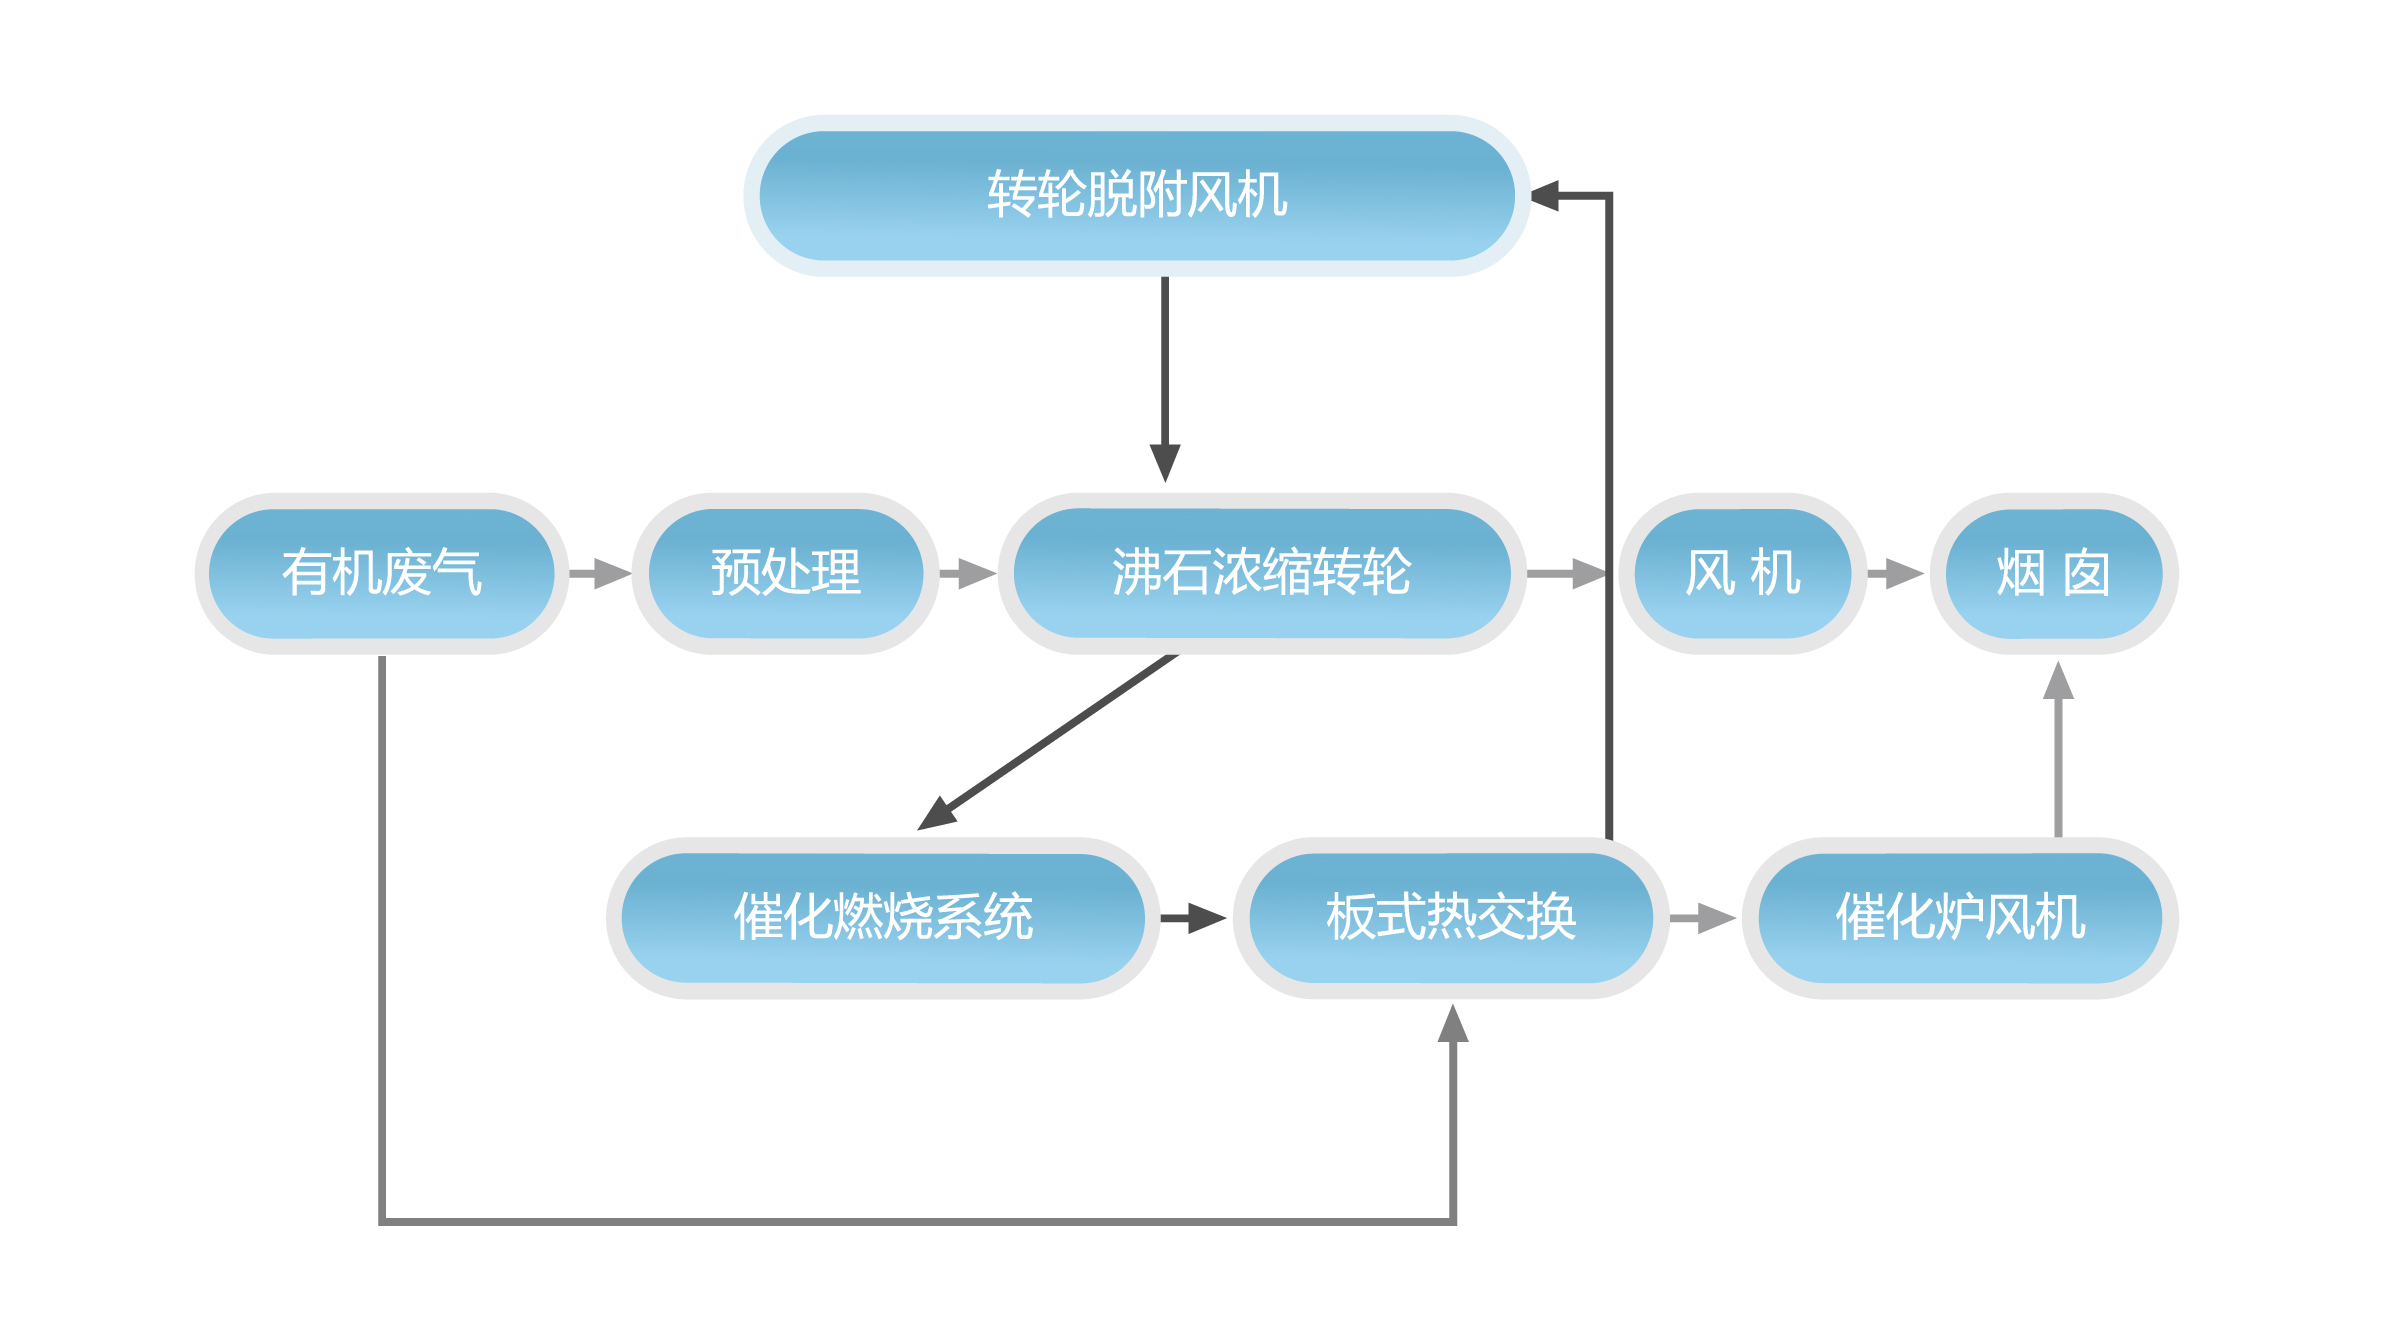 沸石浓缩转轮装置+RCO